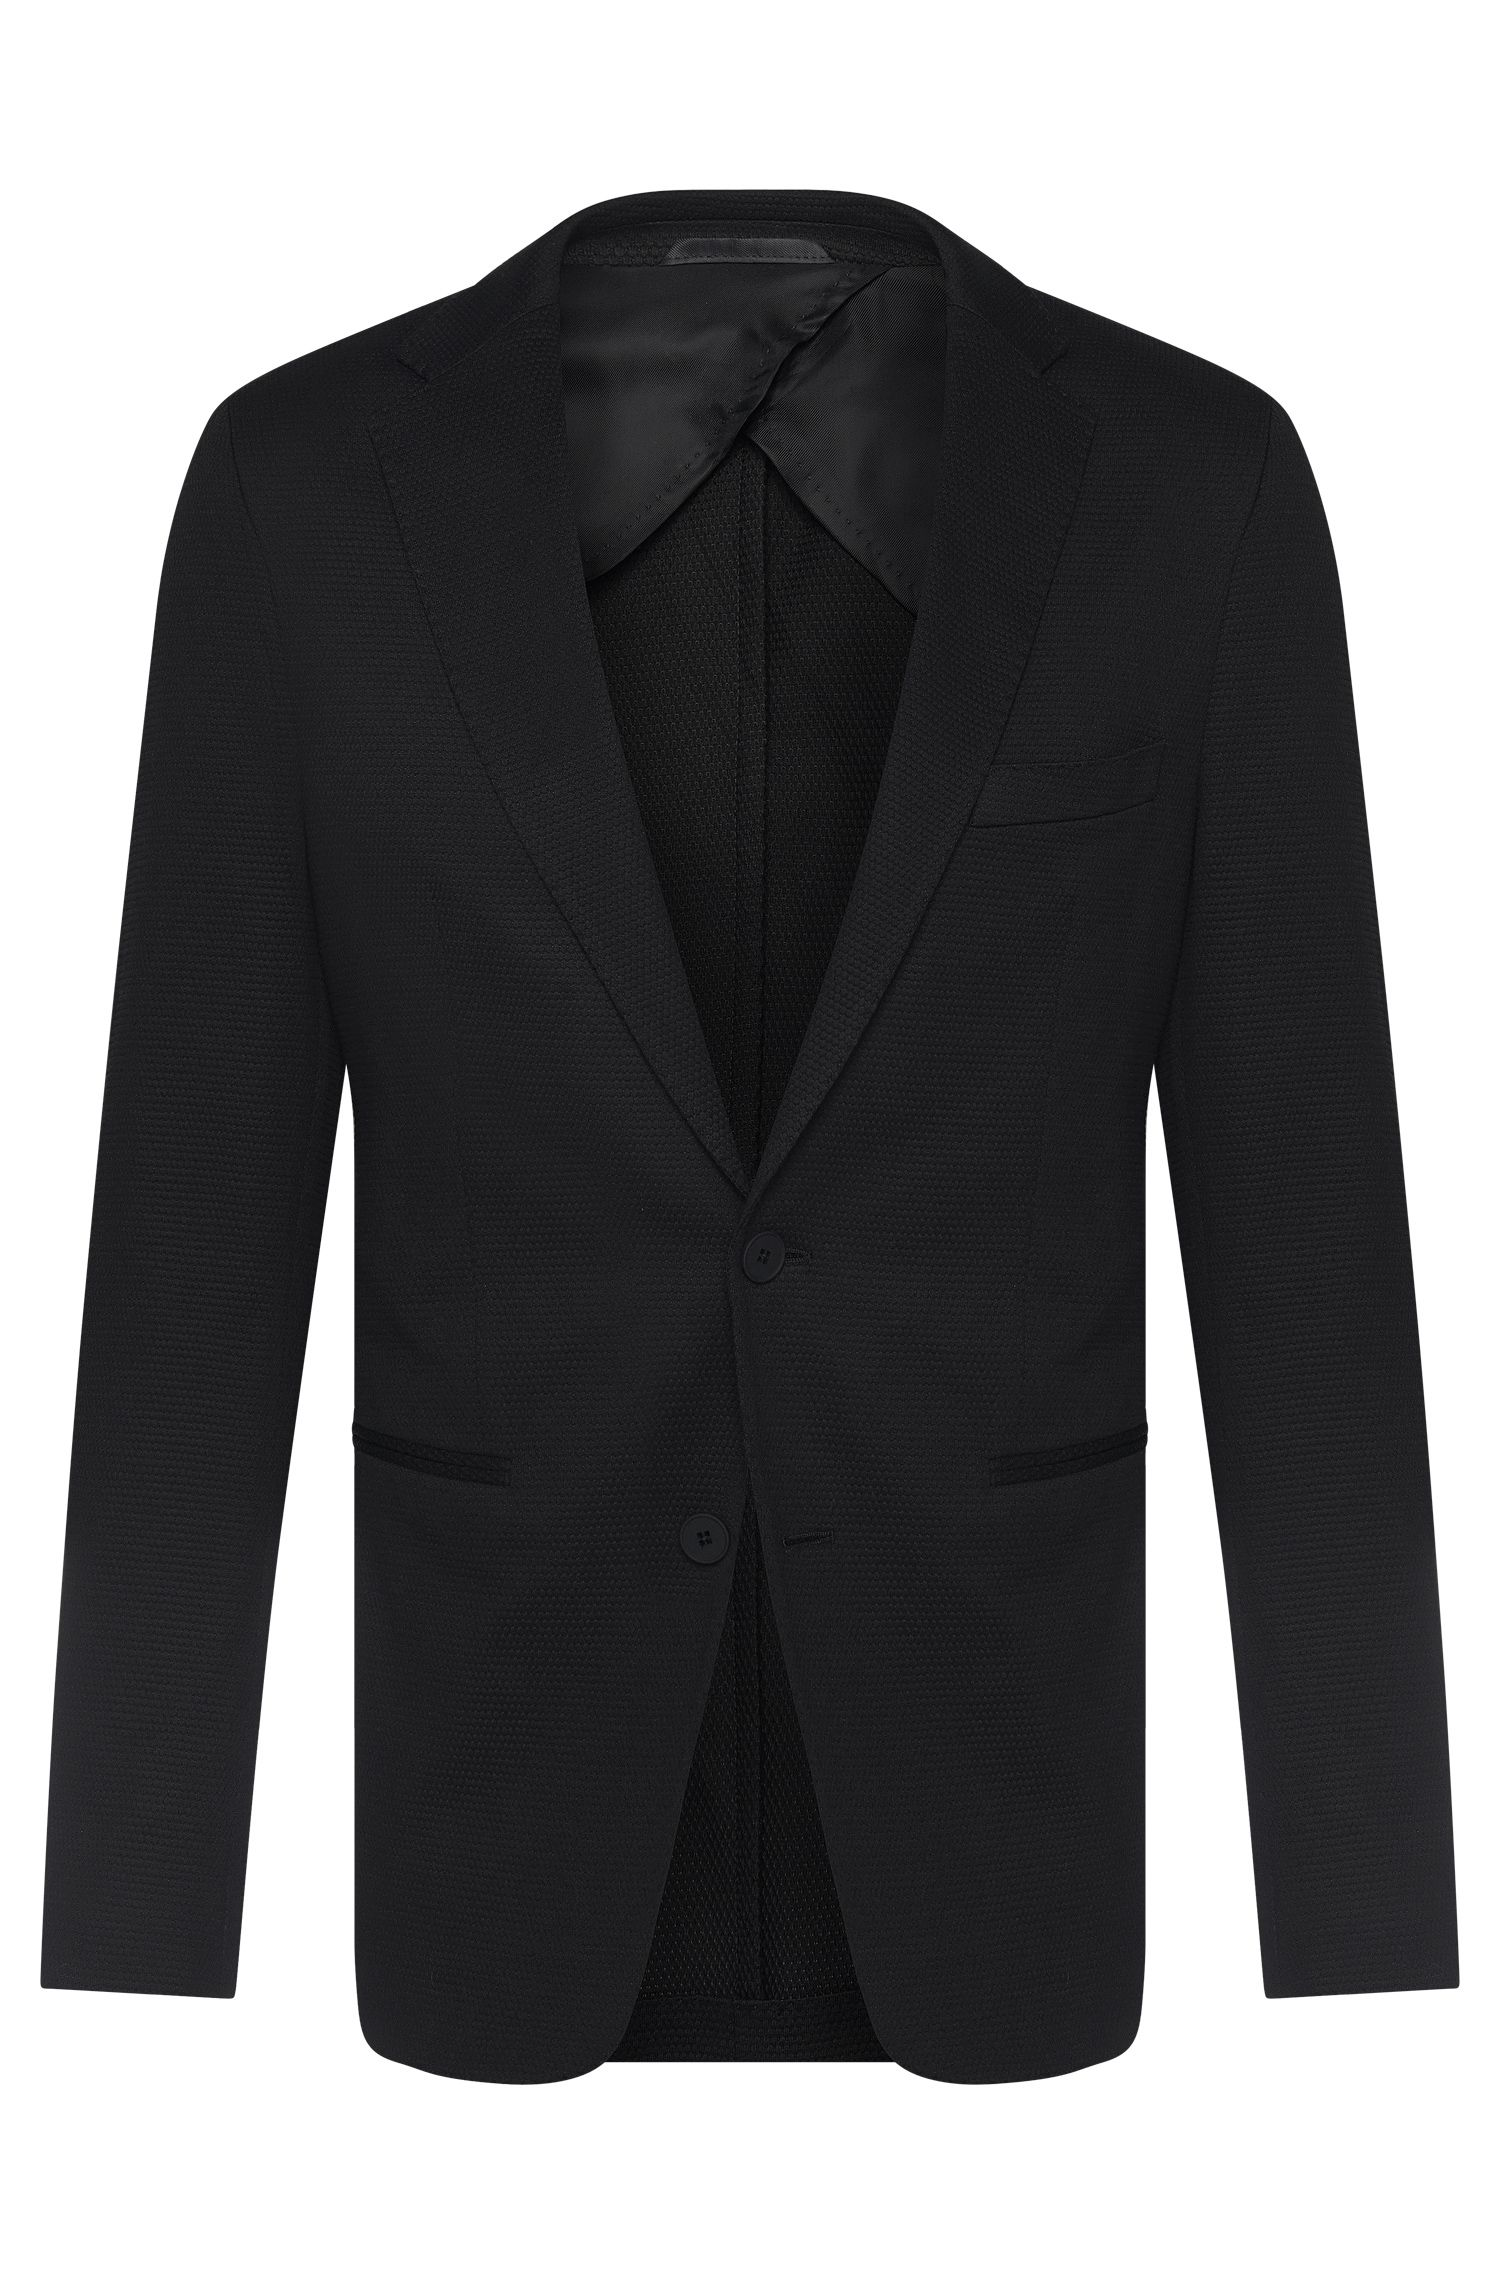 'Norwin' | Slim Fit, Cotton Blend Birdseye Sport Coat